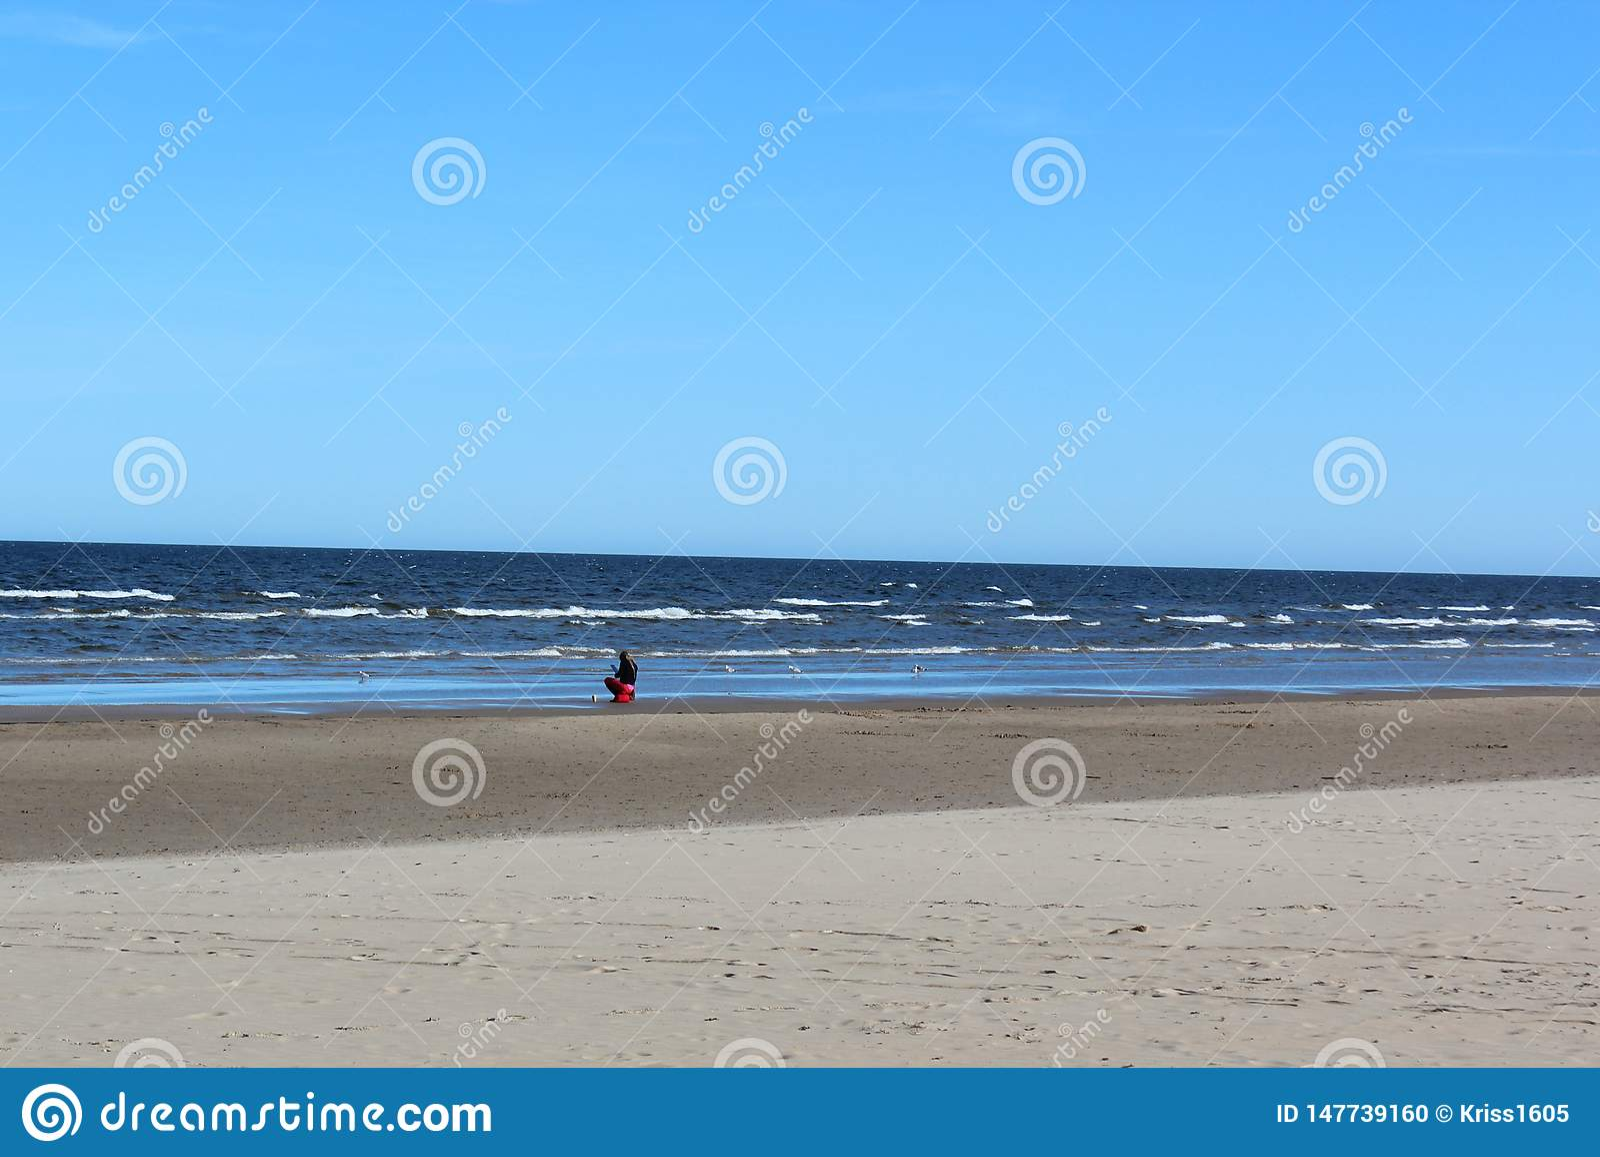 Paysage du bord de la mer baltique au printemps